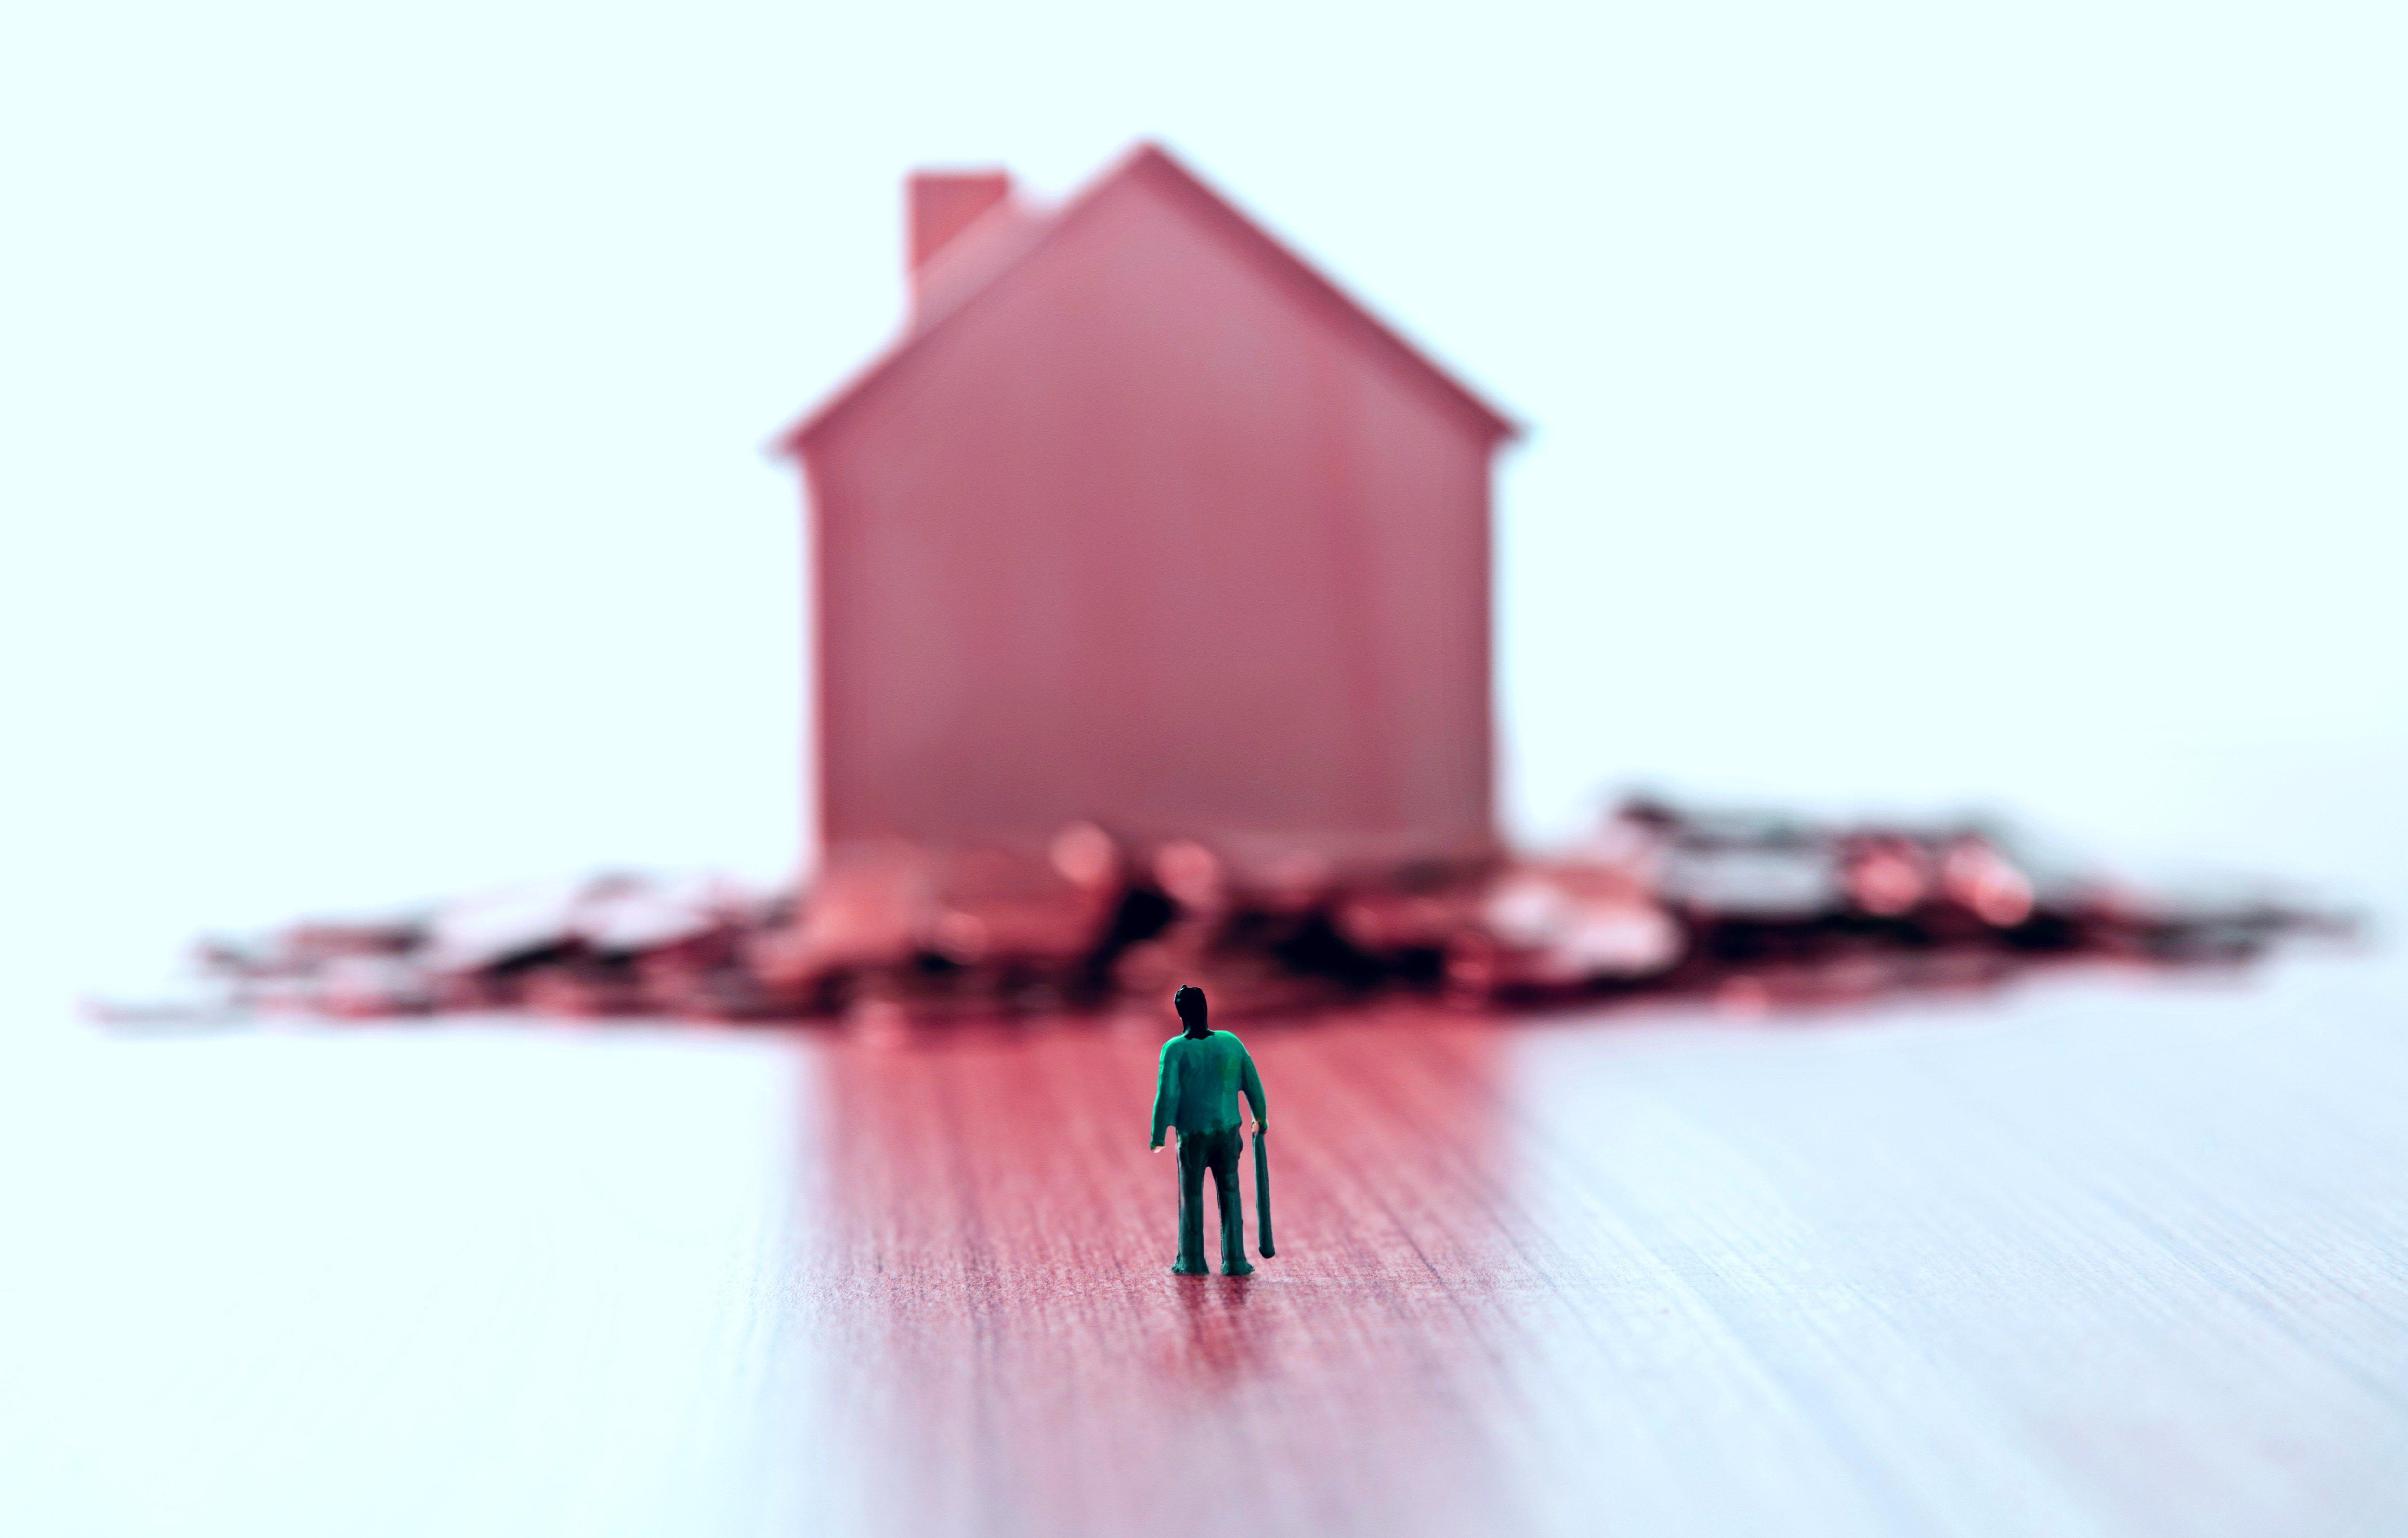 60歳以上の住まい事情。「賃貸で断られた人」はどのくらい、いるのか。